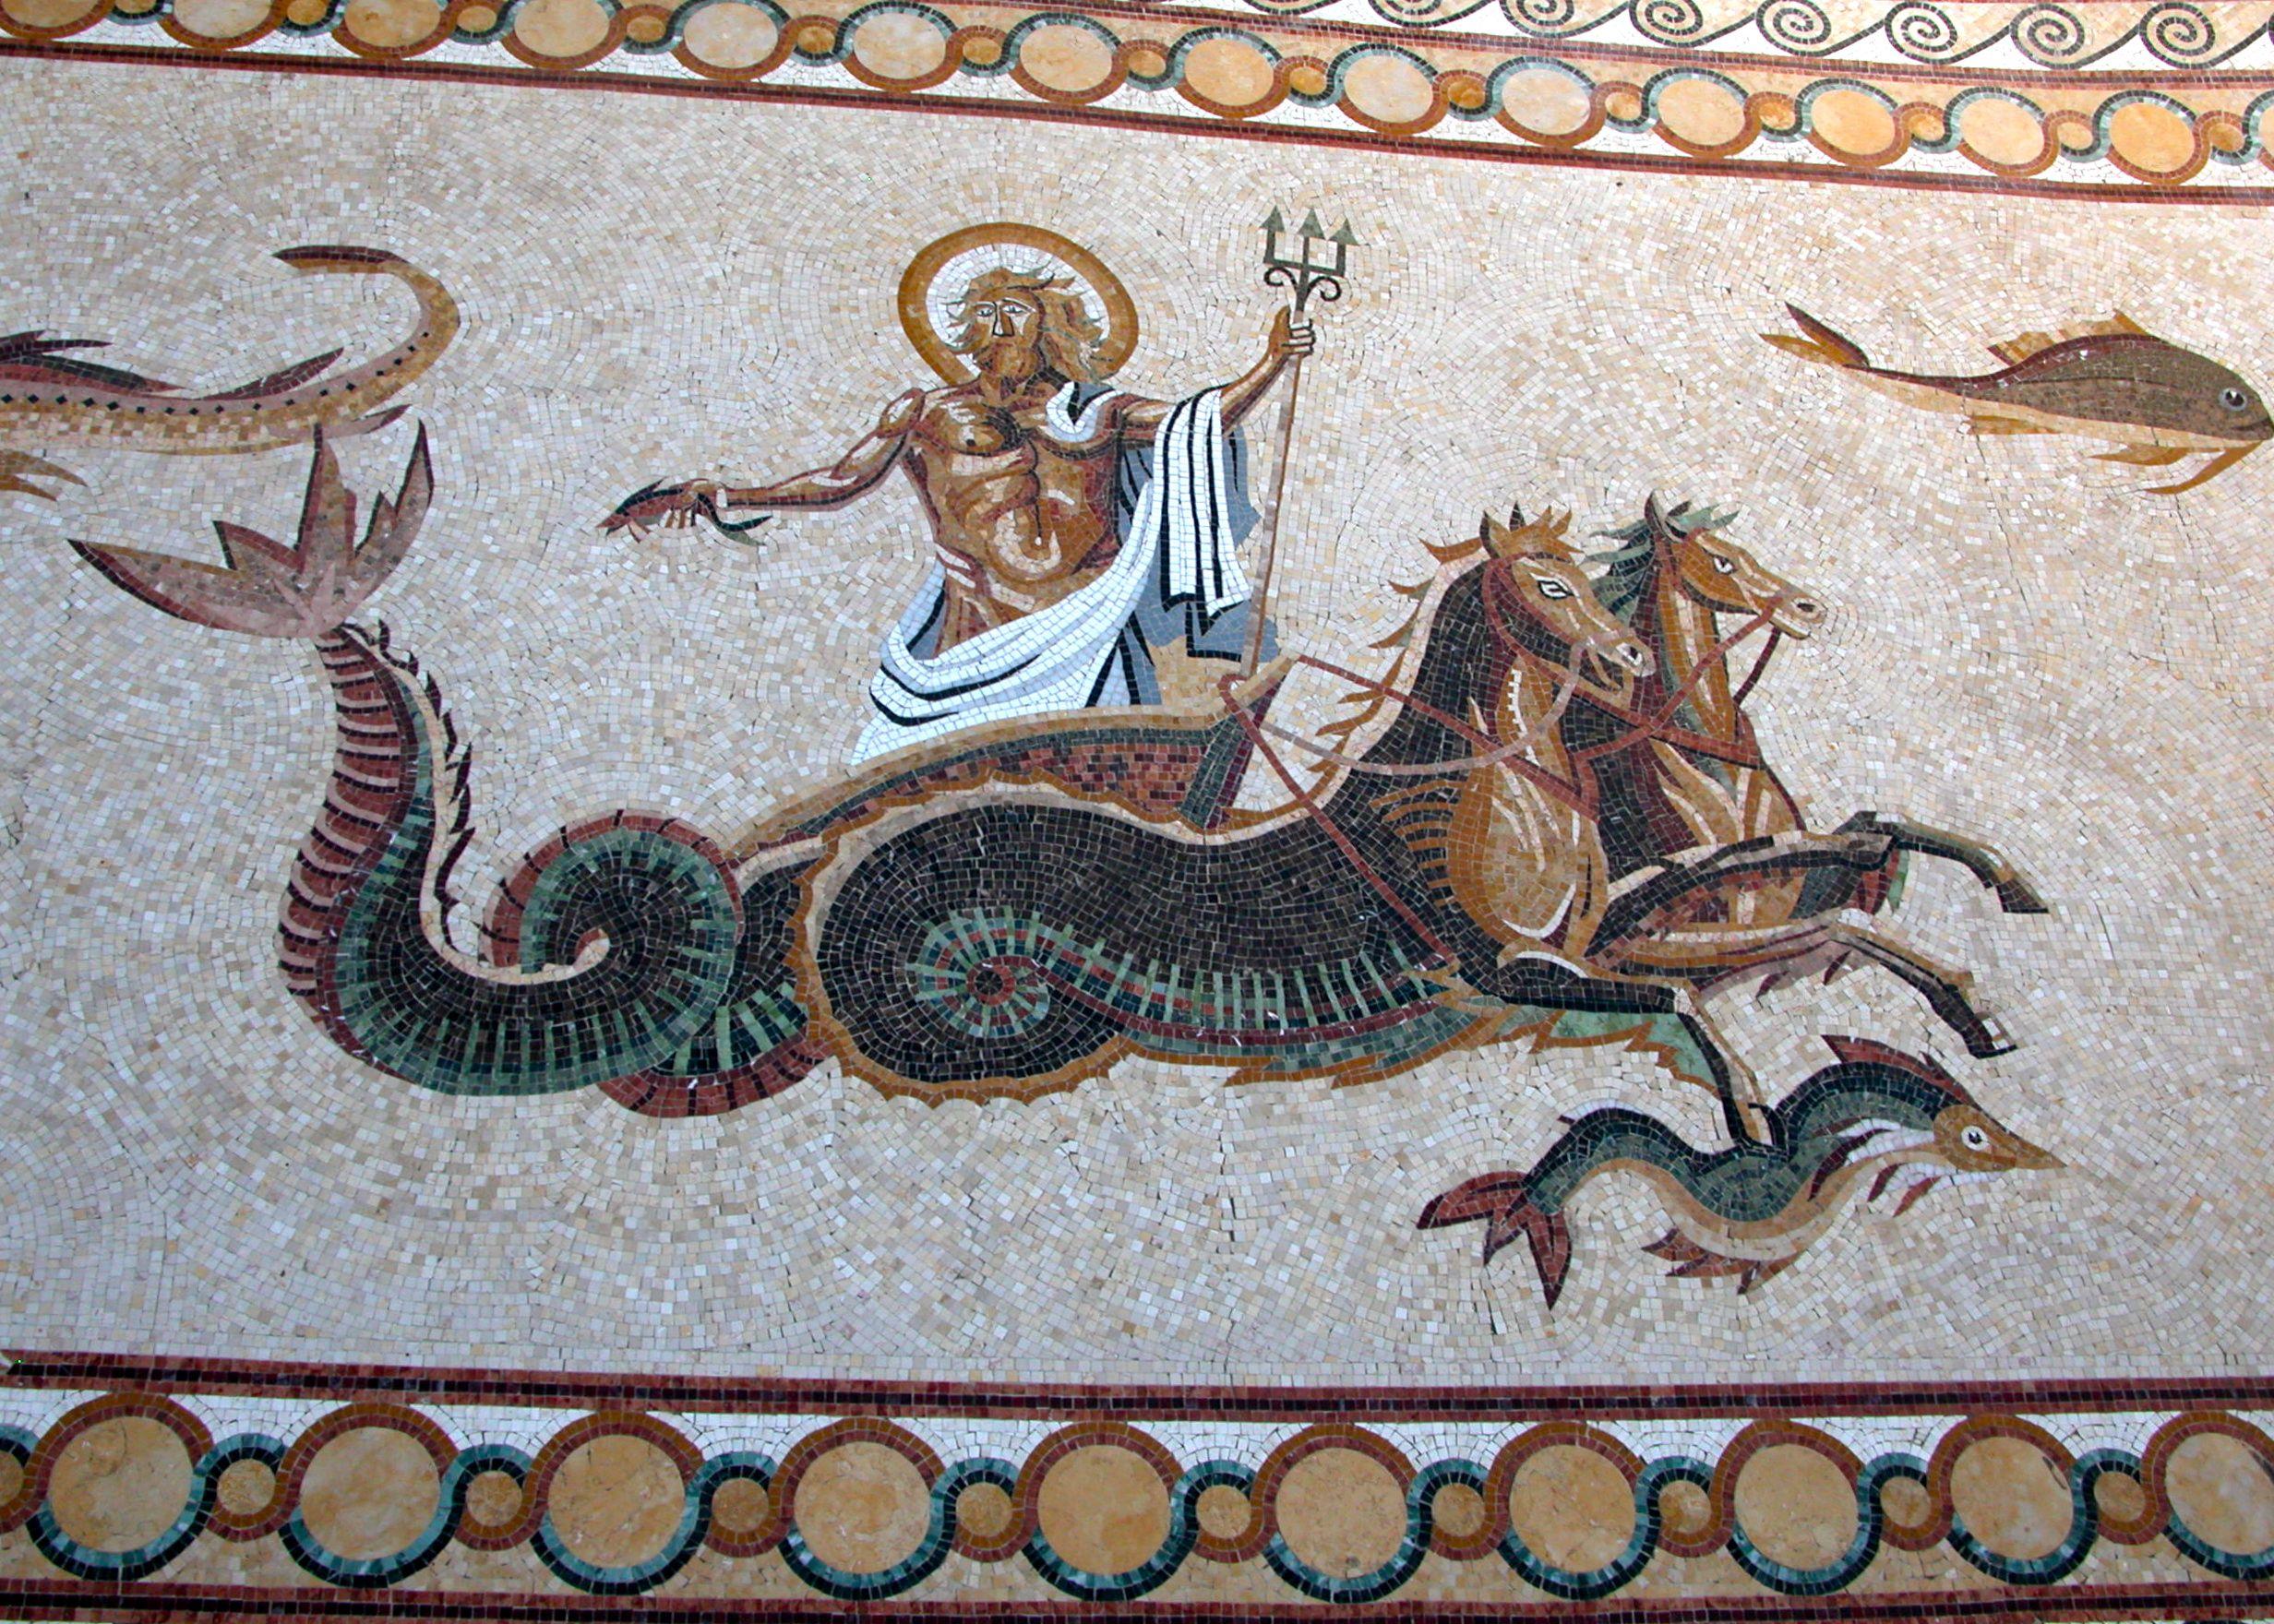 Mythology Pool Www Vita Nova Com Mosaic Pool Mythological